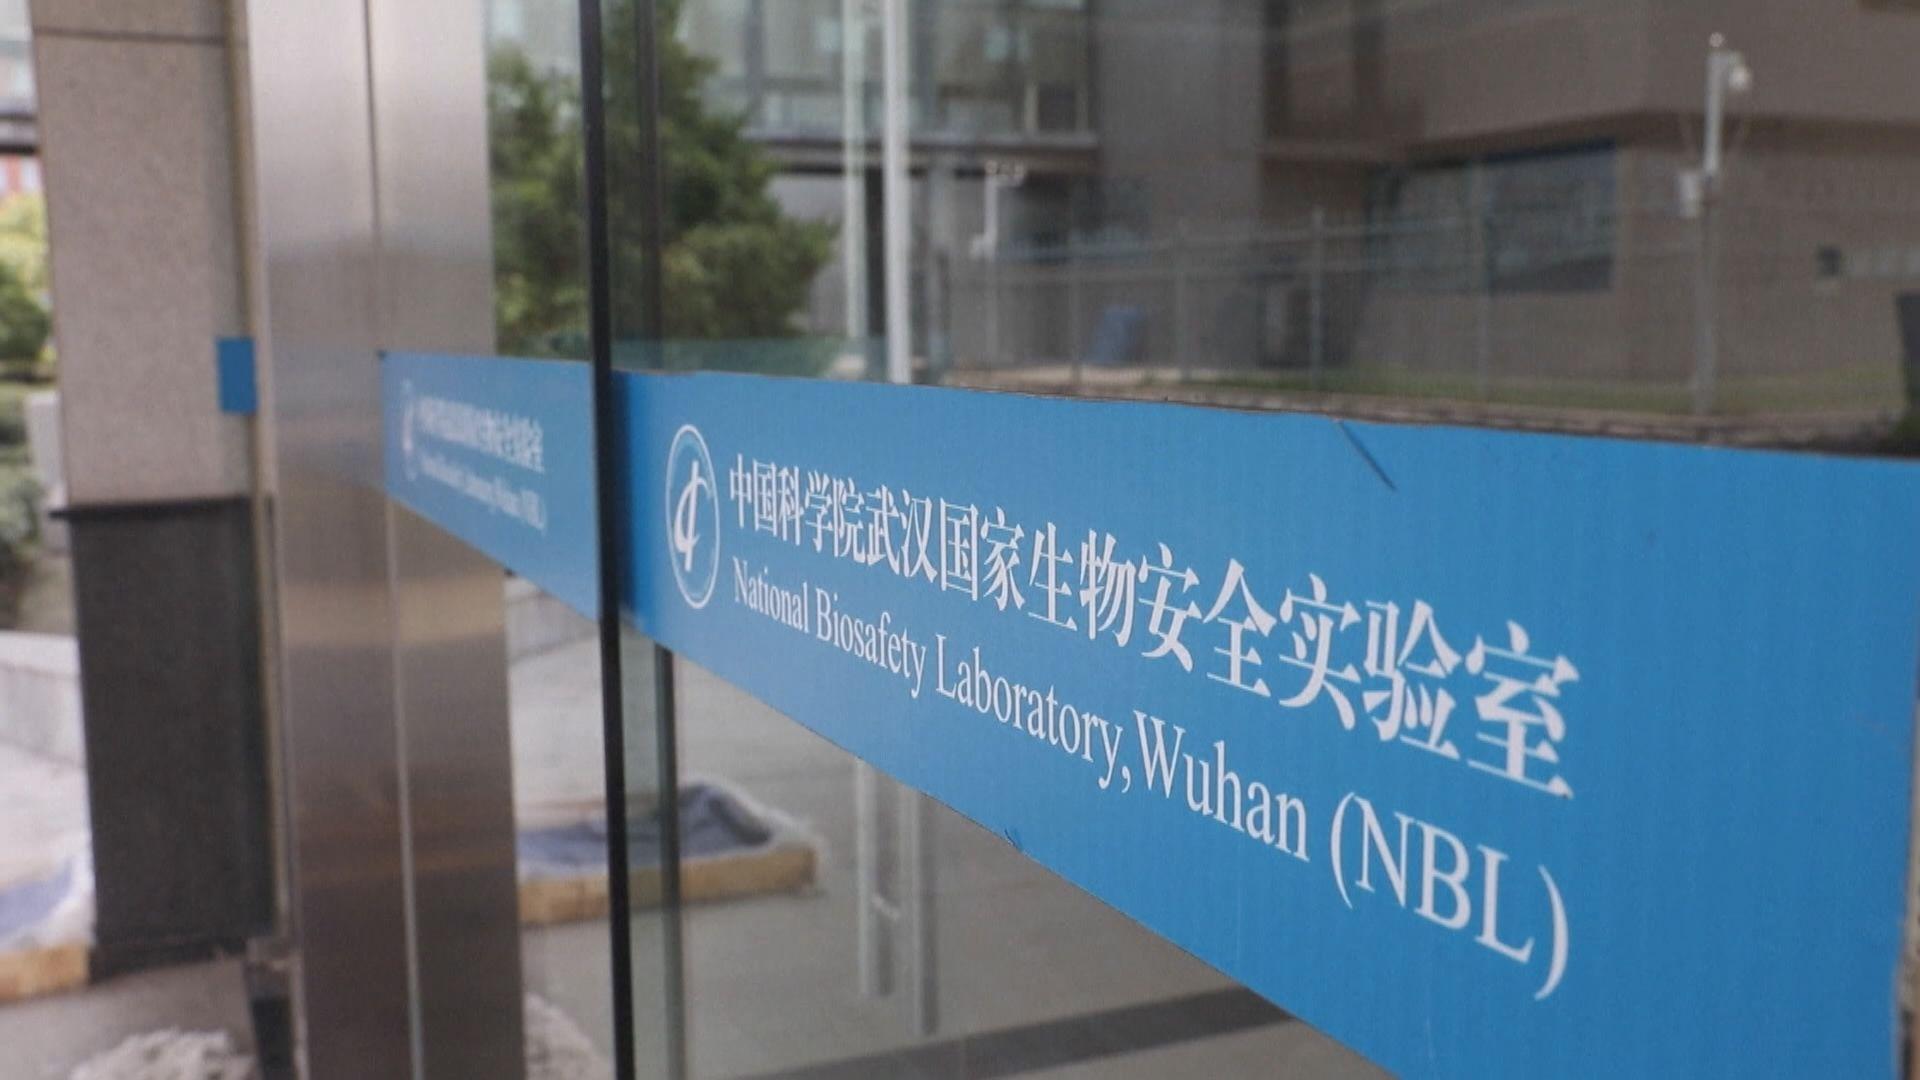 據報武漢實驗室三人前年不適入院 中方:不符事實